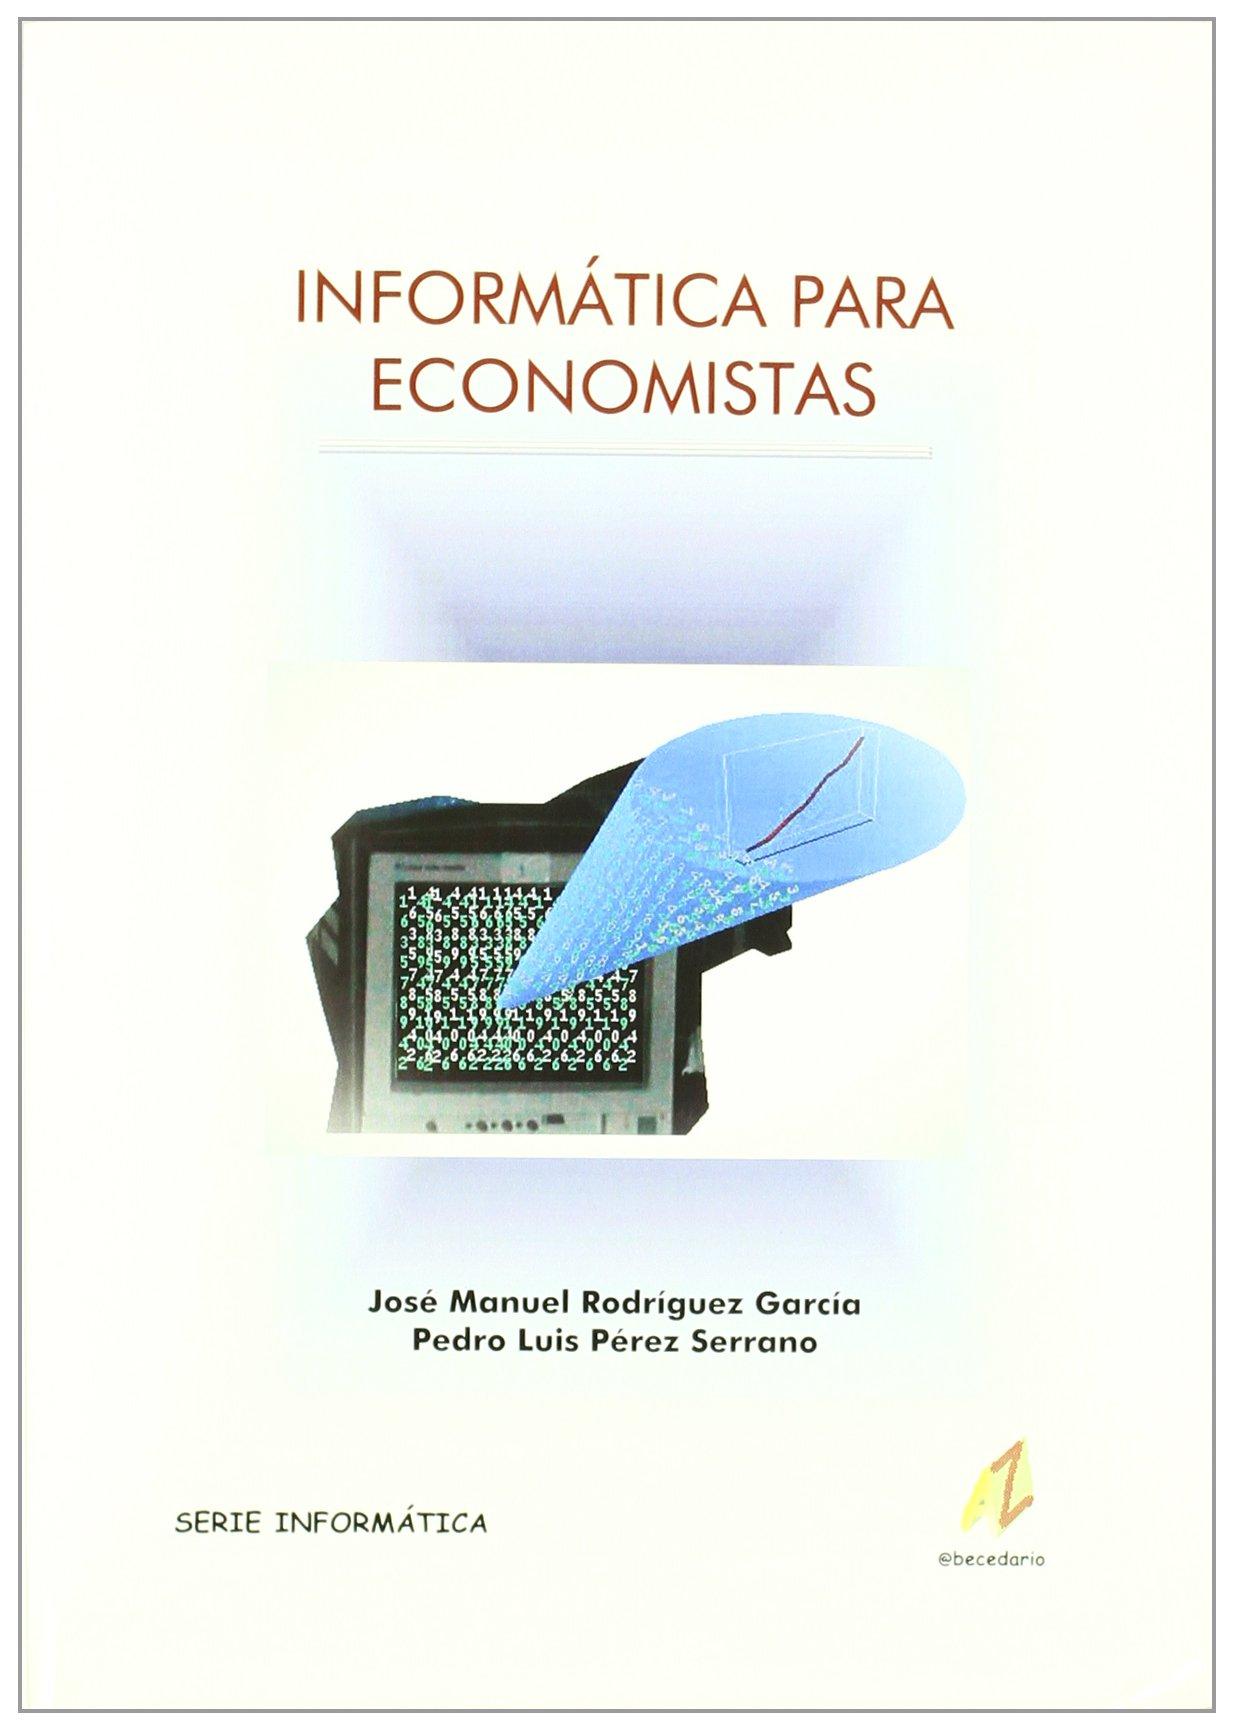 Informática Para Economistas Tapa blanda – 5 may 2010 Jose Manuel Rodriguez Garcia Pedro Luis Perez Serrano Abecedario 8493300039